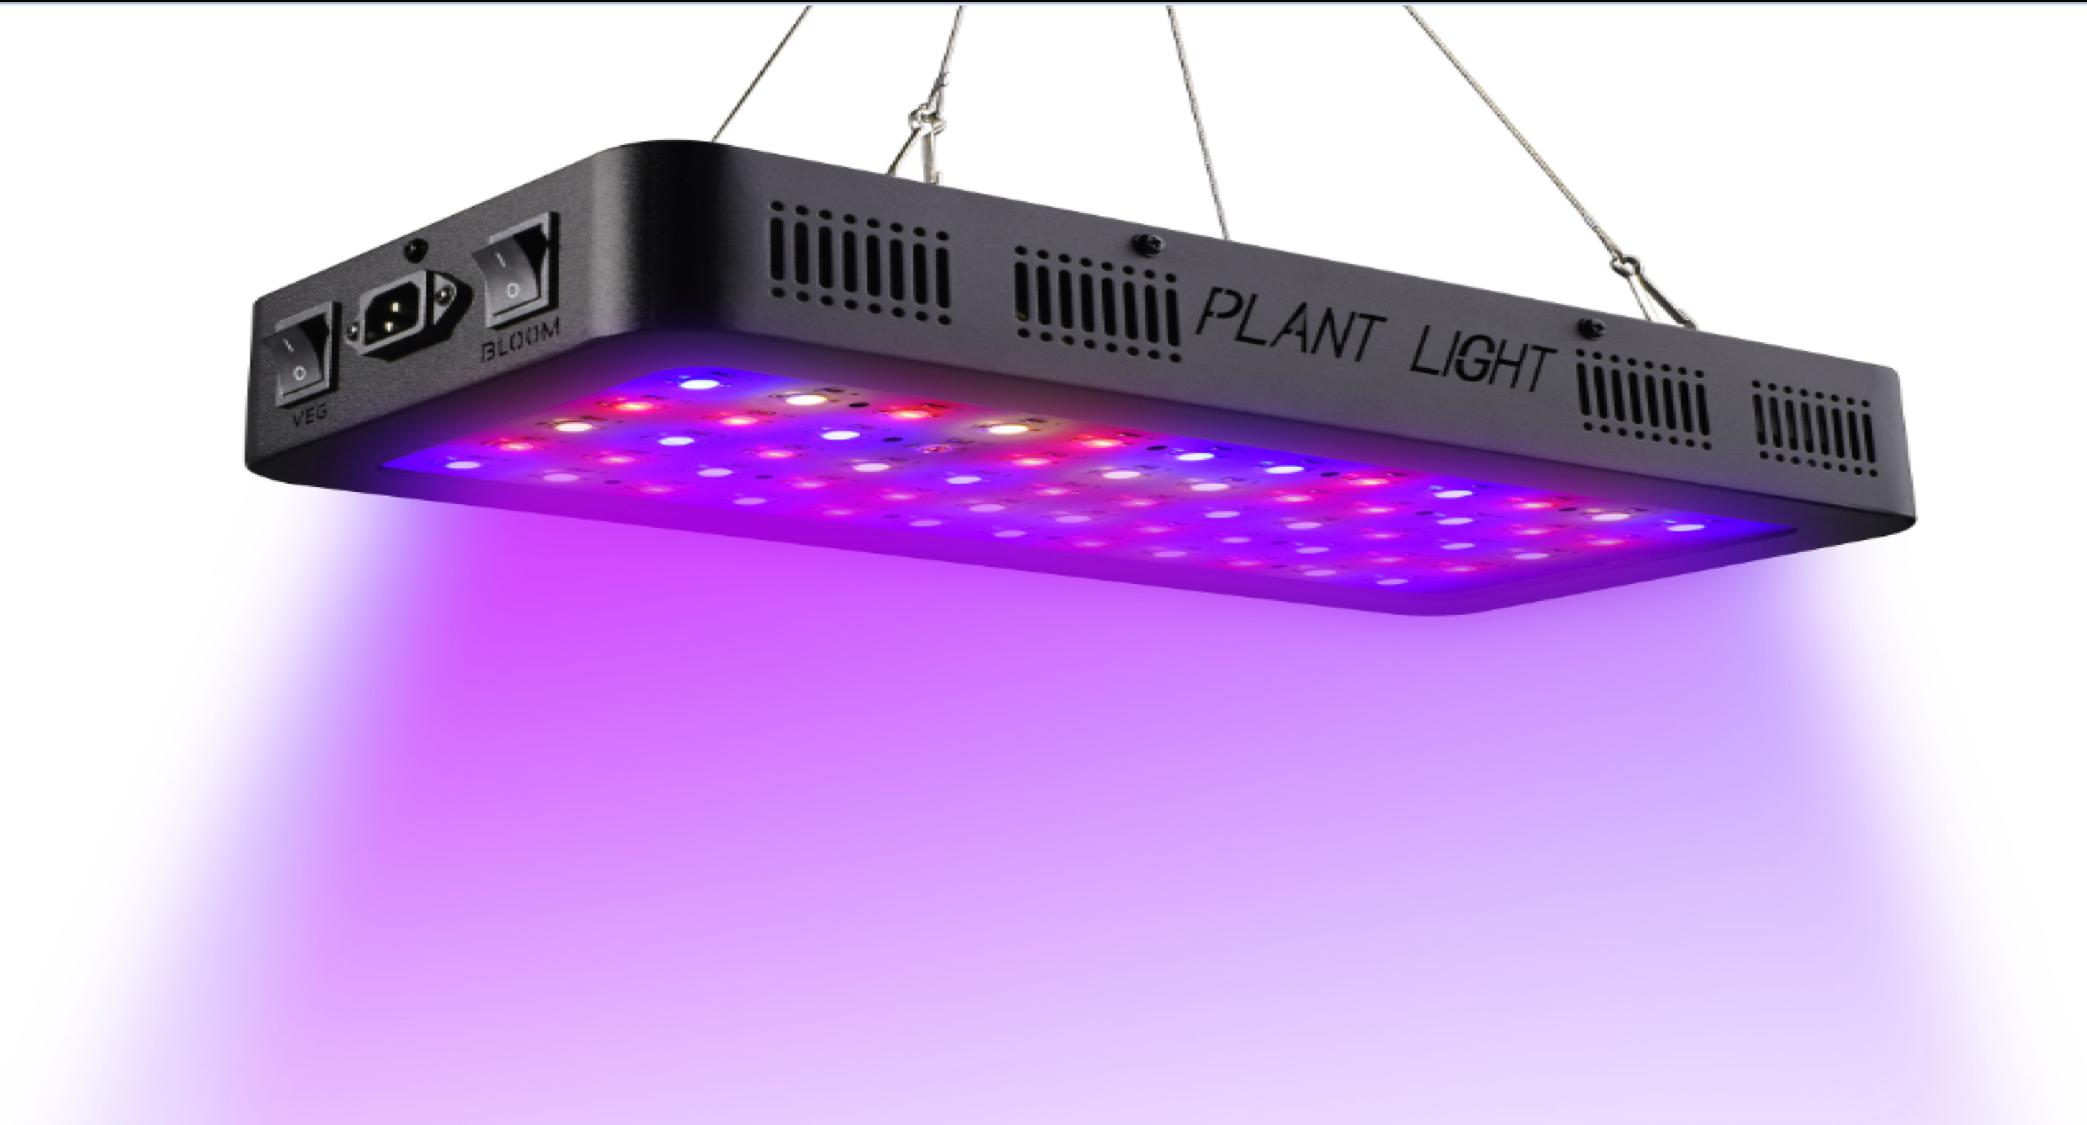 600 Watt Full Spectrum LED Plant Grow Light